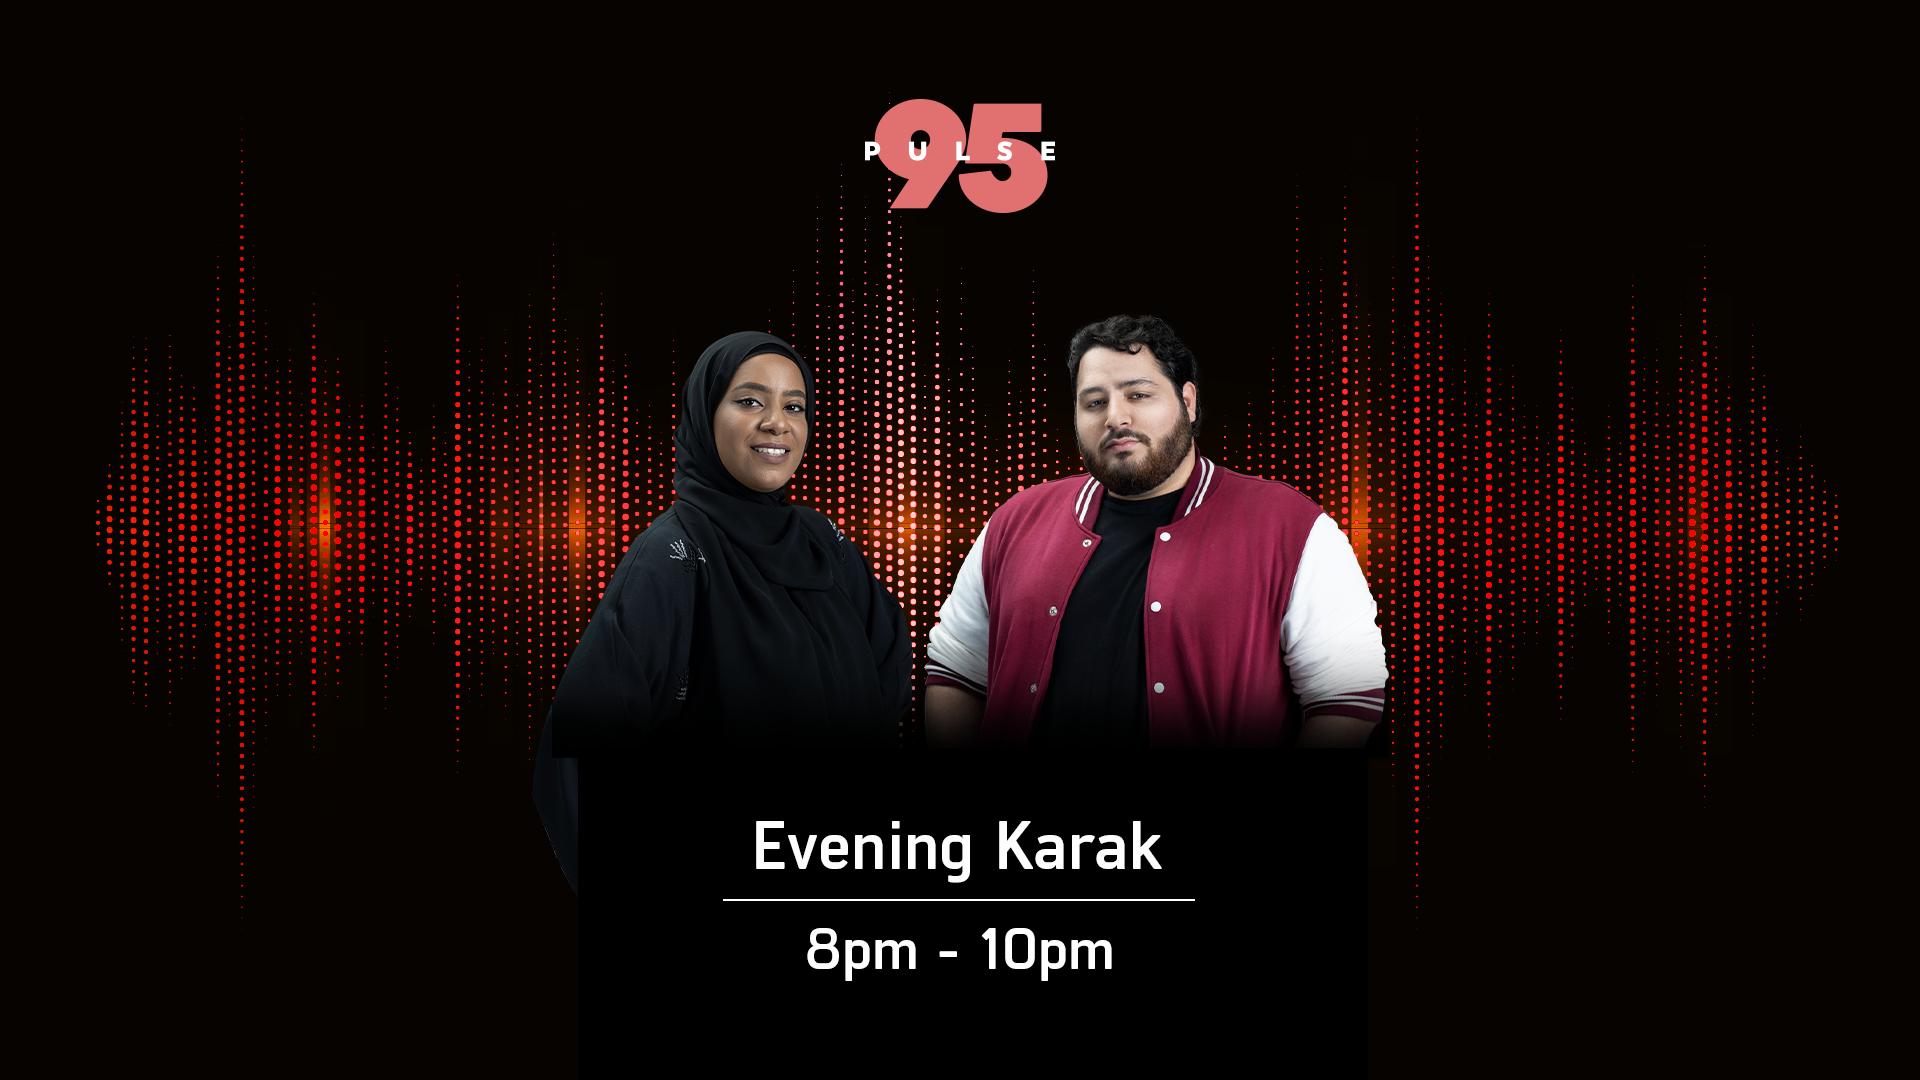 Evening Karak